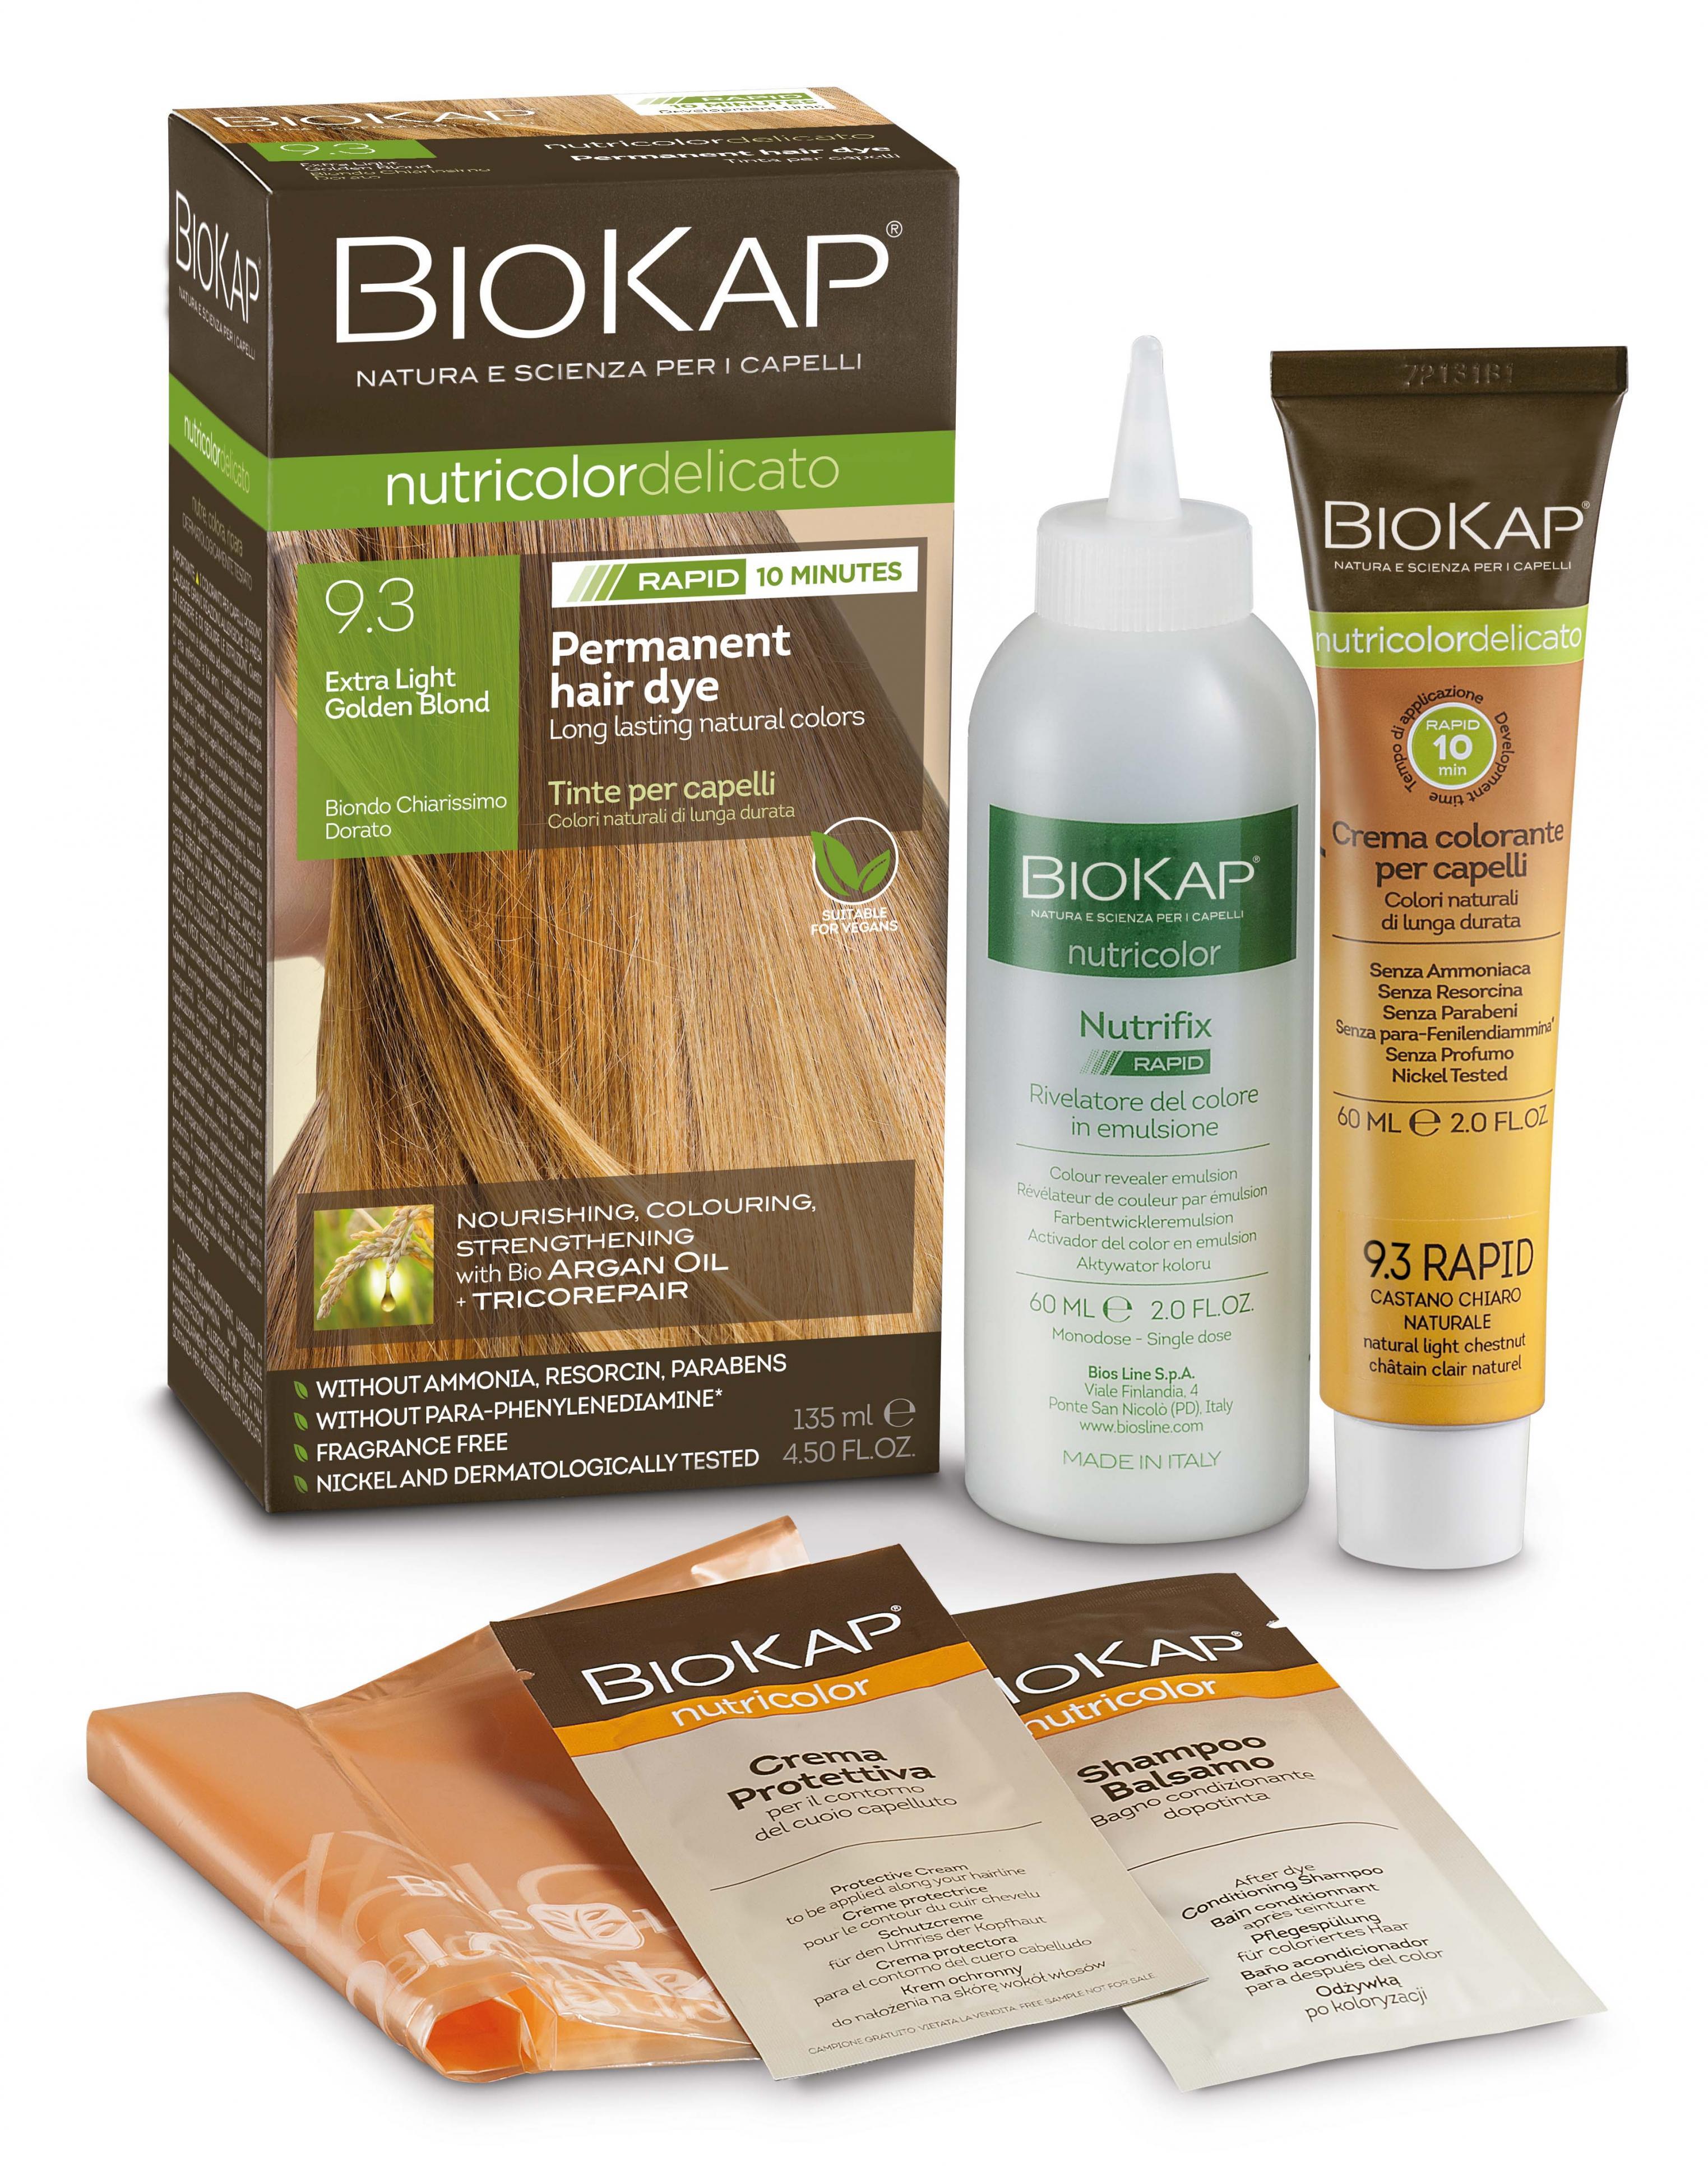 Extra Light Golden Blond 9.3 Rapid Hair Dye 135ml